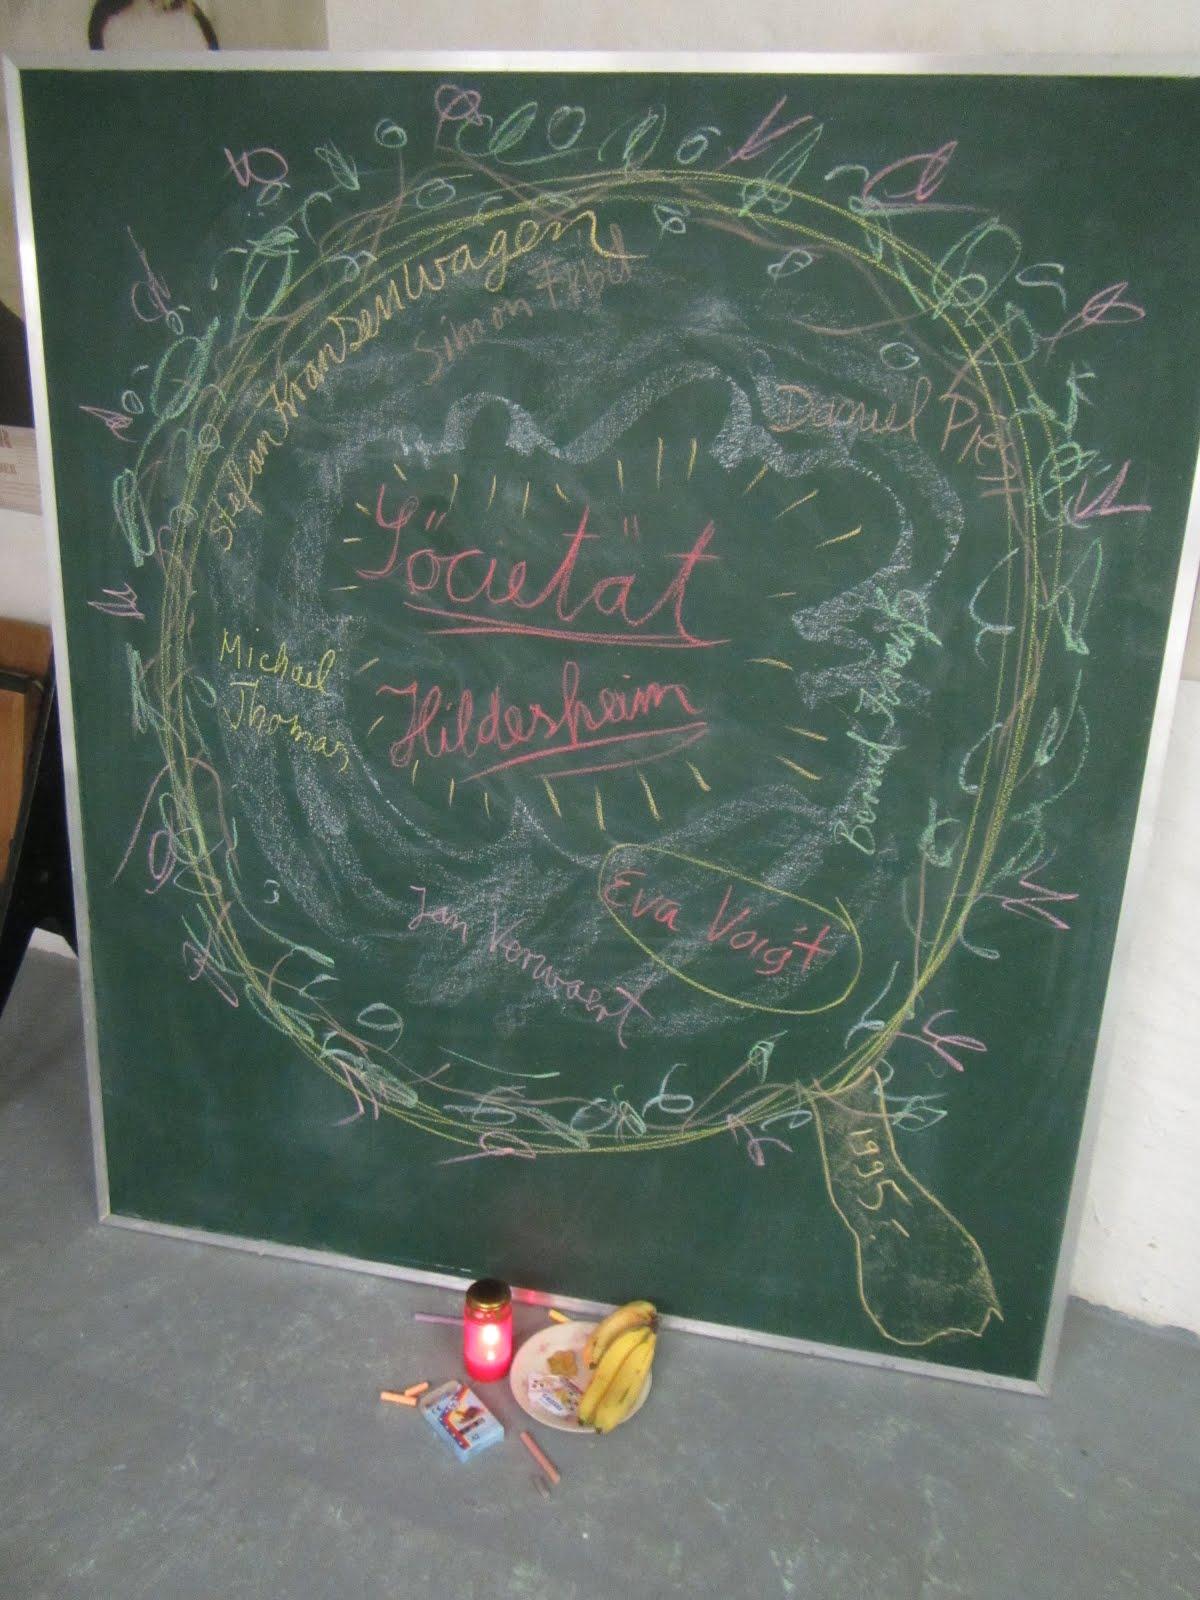 Kein Stück Societät - ein Abendessen zur Geschichte der Sozietät Hildesheim im Kunstraum Via 113